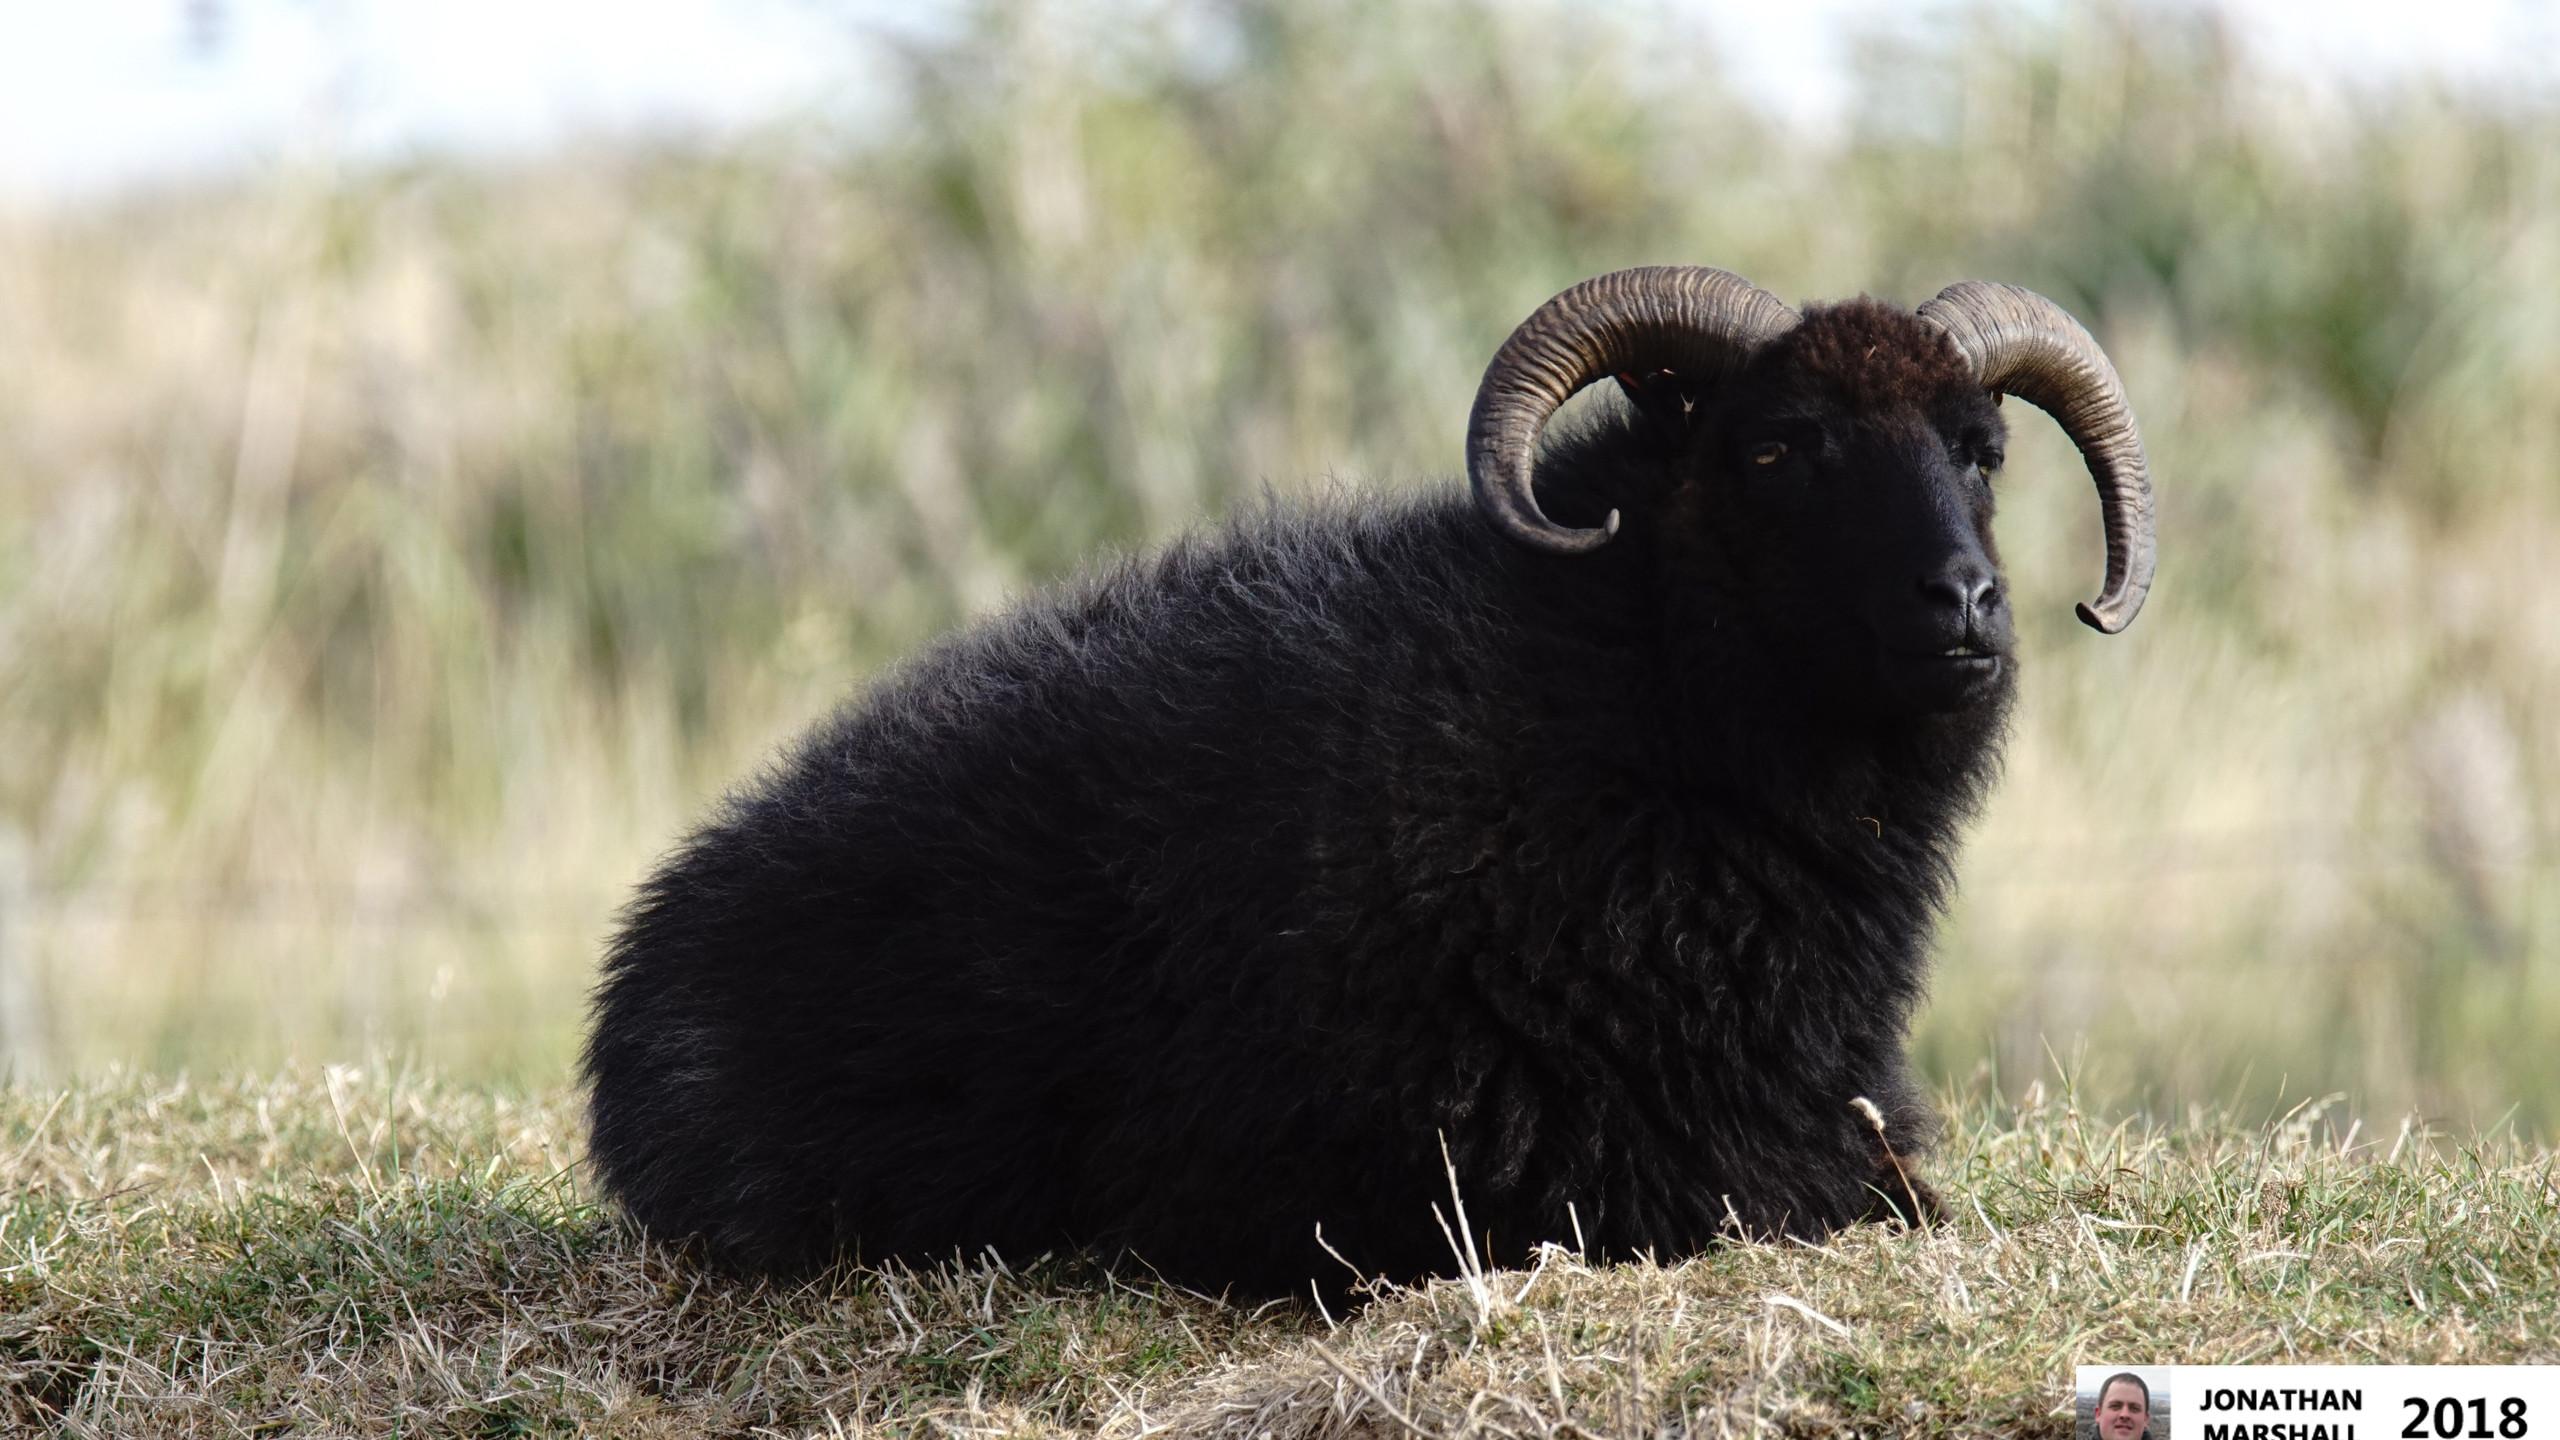 Hebridean Sheep